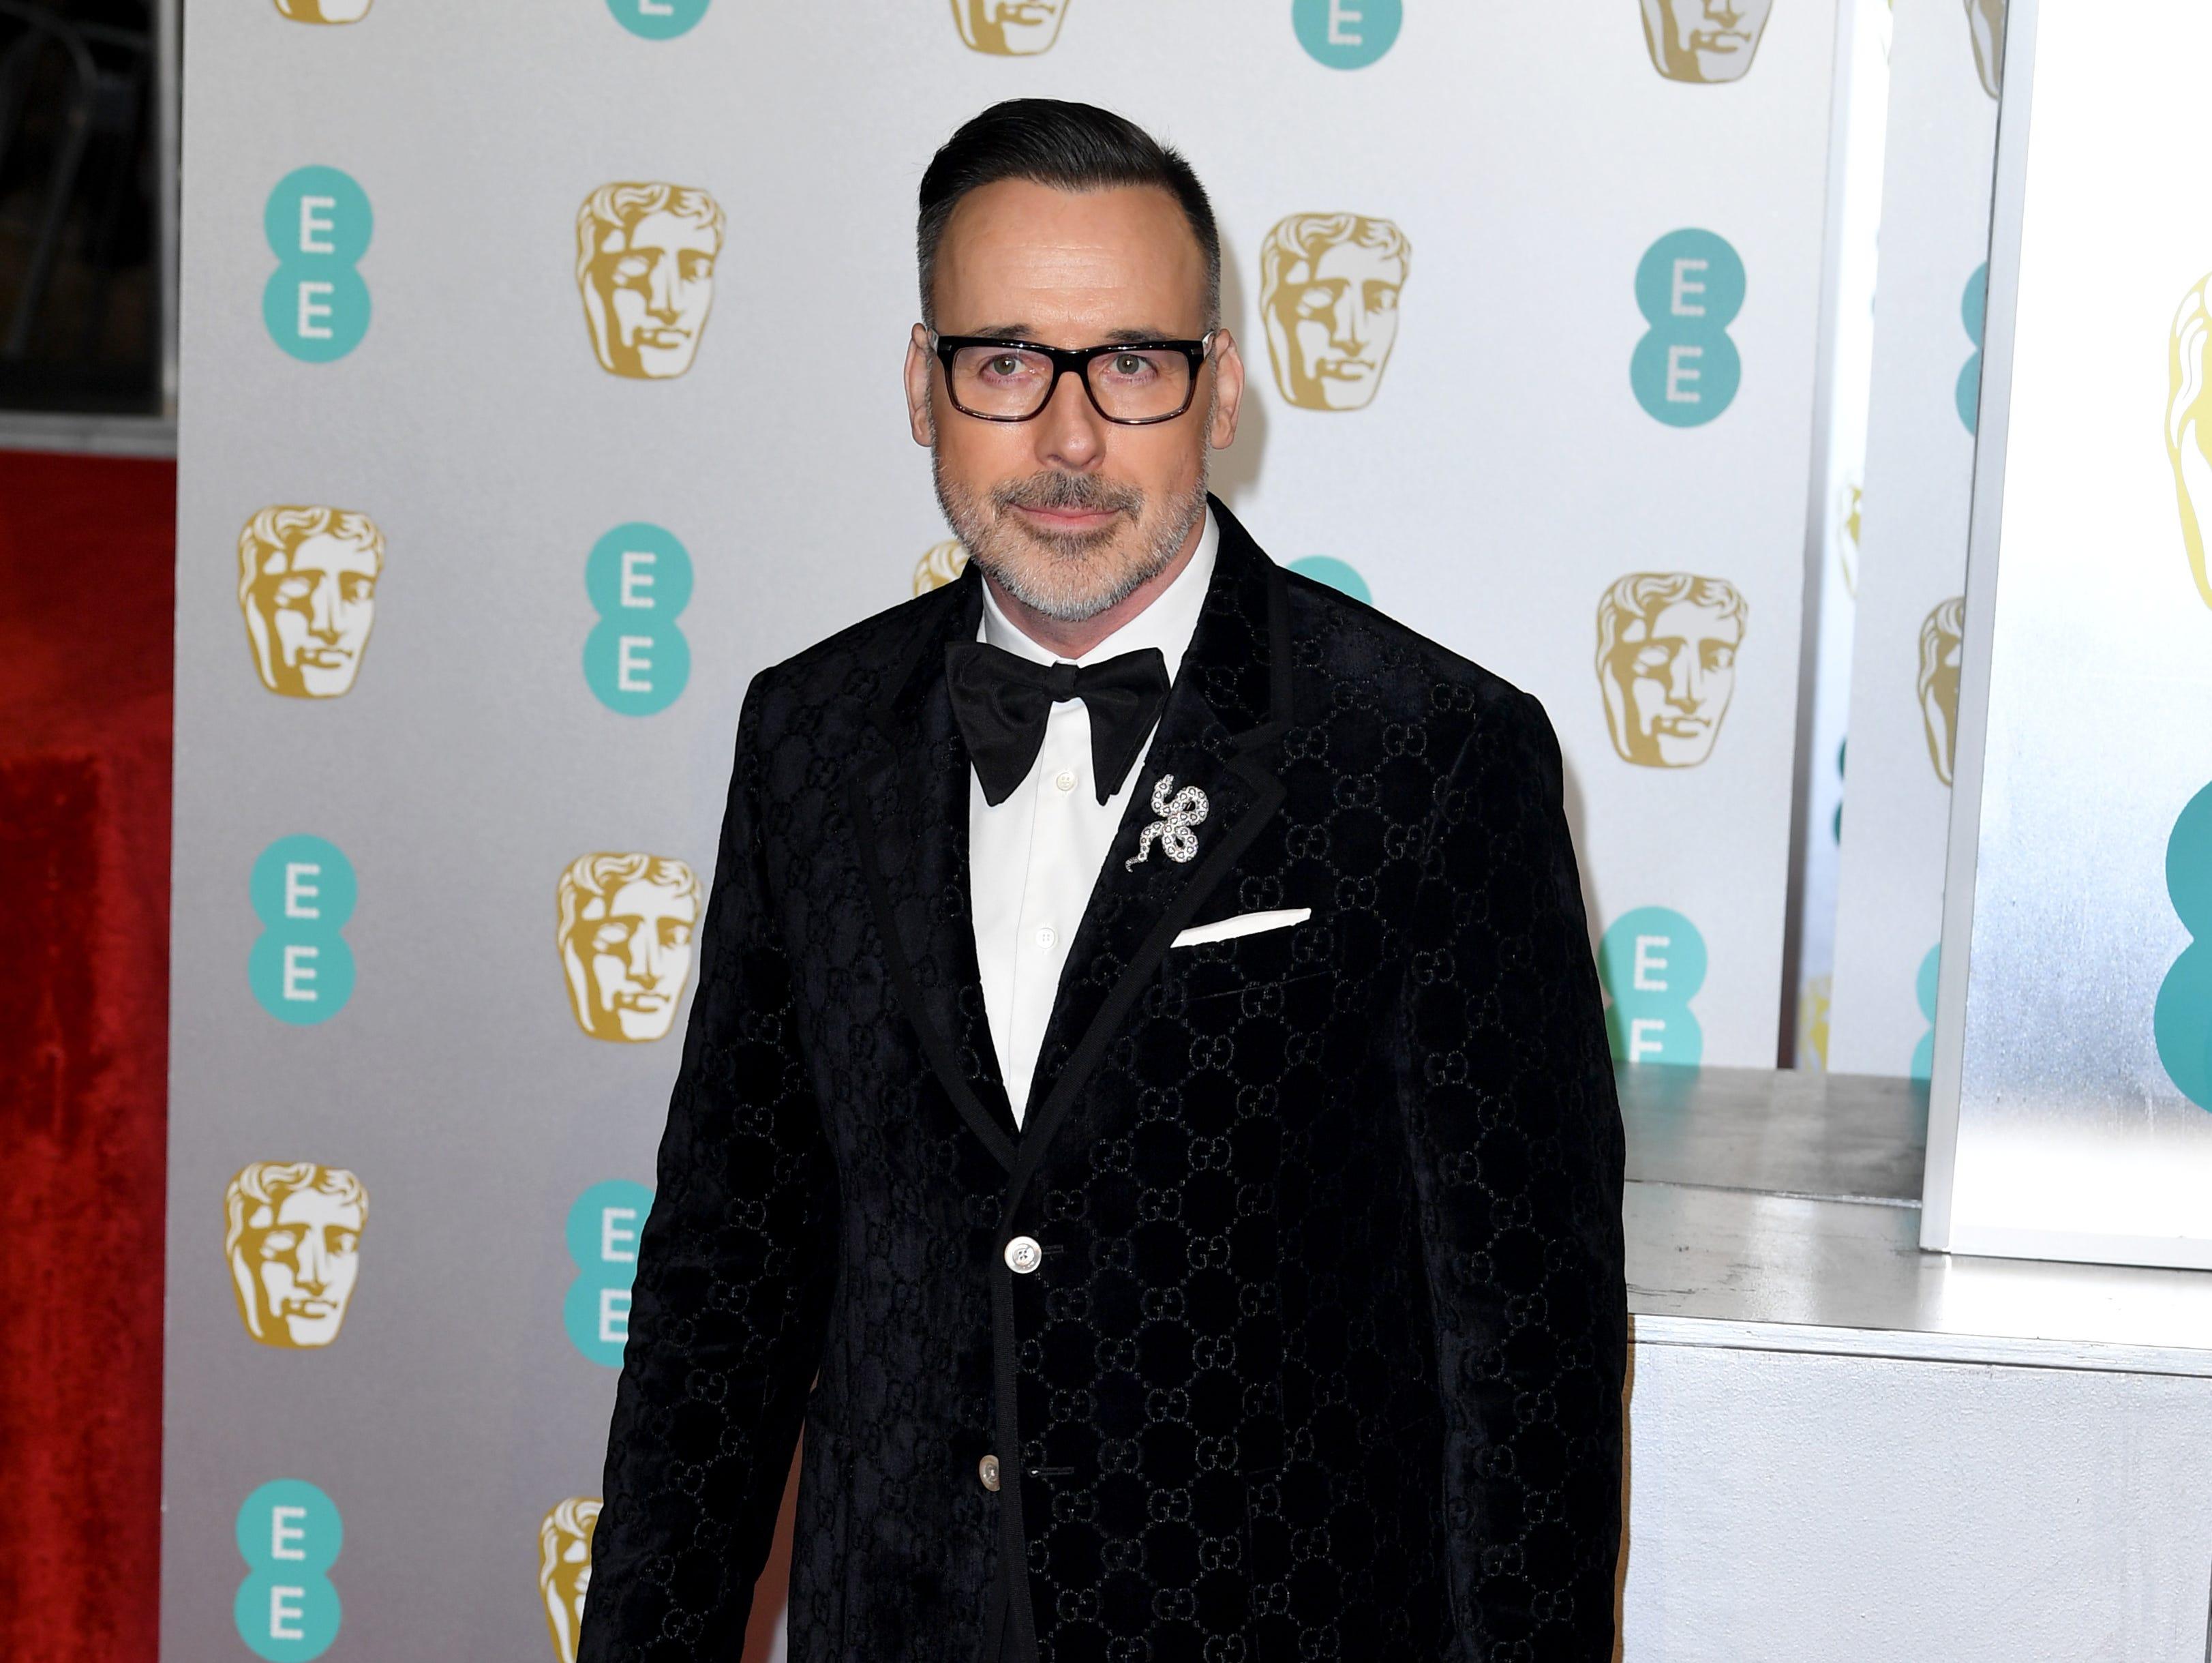 David Furnish a su llegada a la alfombra roja de los Premios de la Academia Británica de Cine BAFTA en el Royal Albert Hall en Londres el 10 de febrero de 2019.